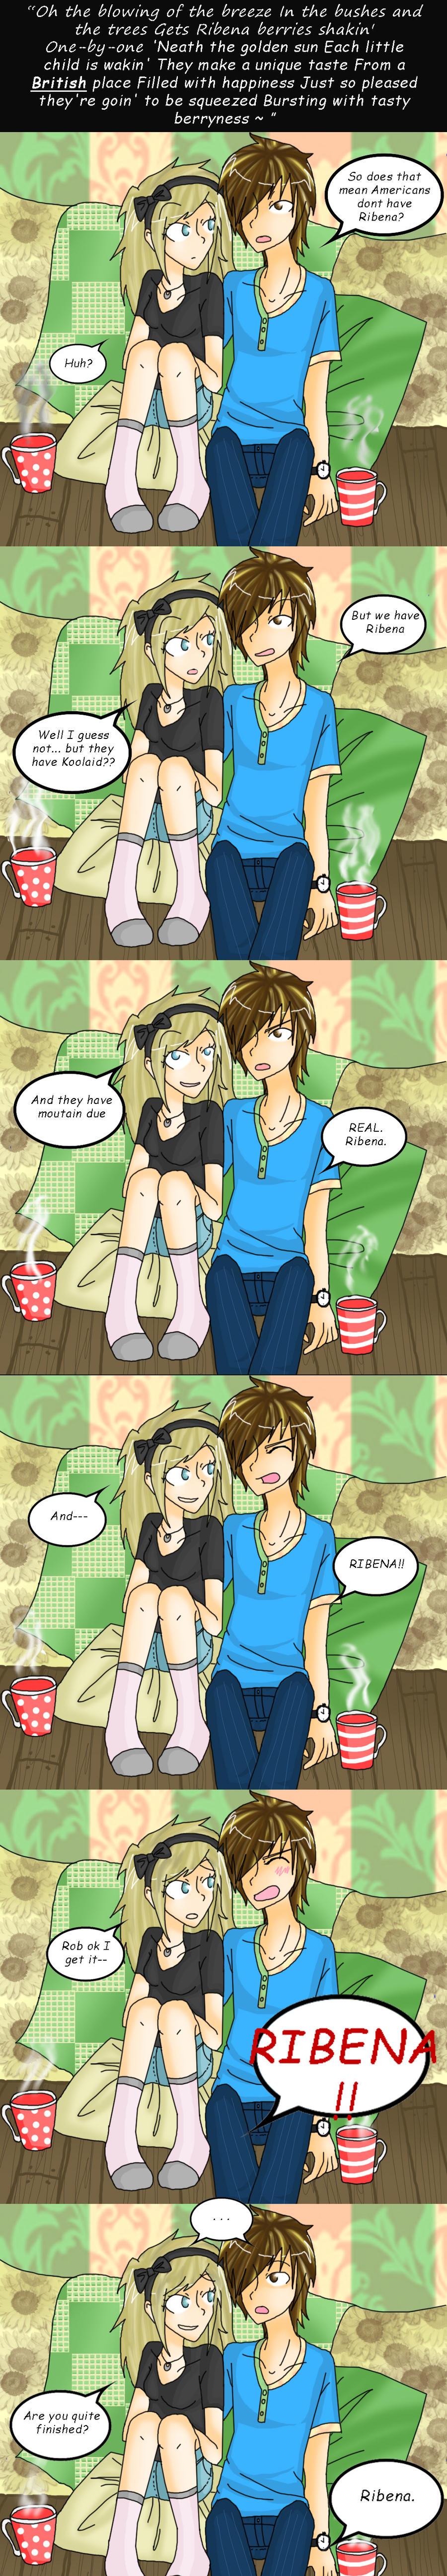 Ribena Comic by Fiftyshadesofkay